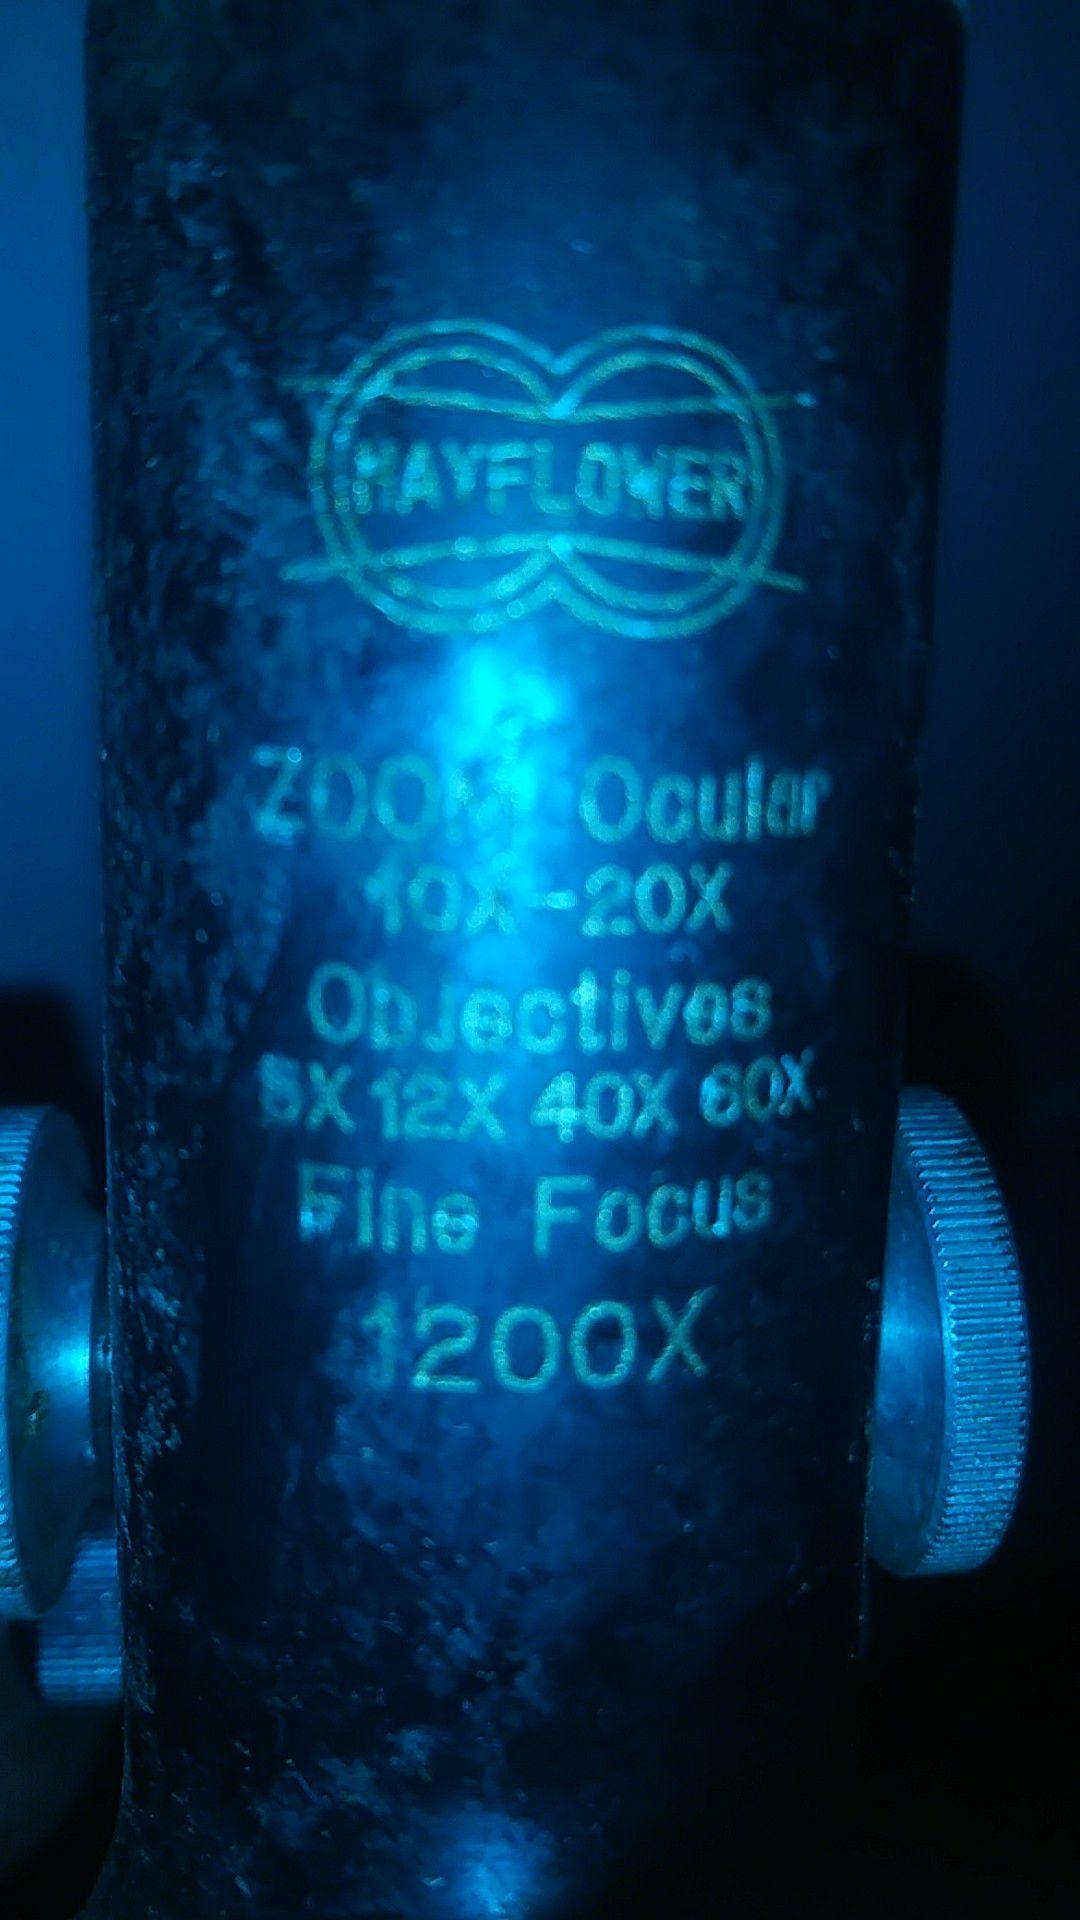 Mayflower ZOOM ocular 10x 20x OBJECTIVES 5x 12X 40X 60X Fine Focus 1200x